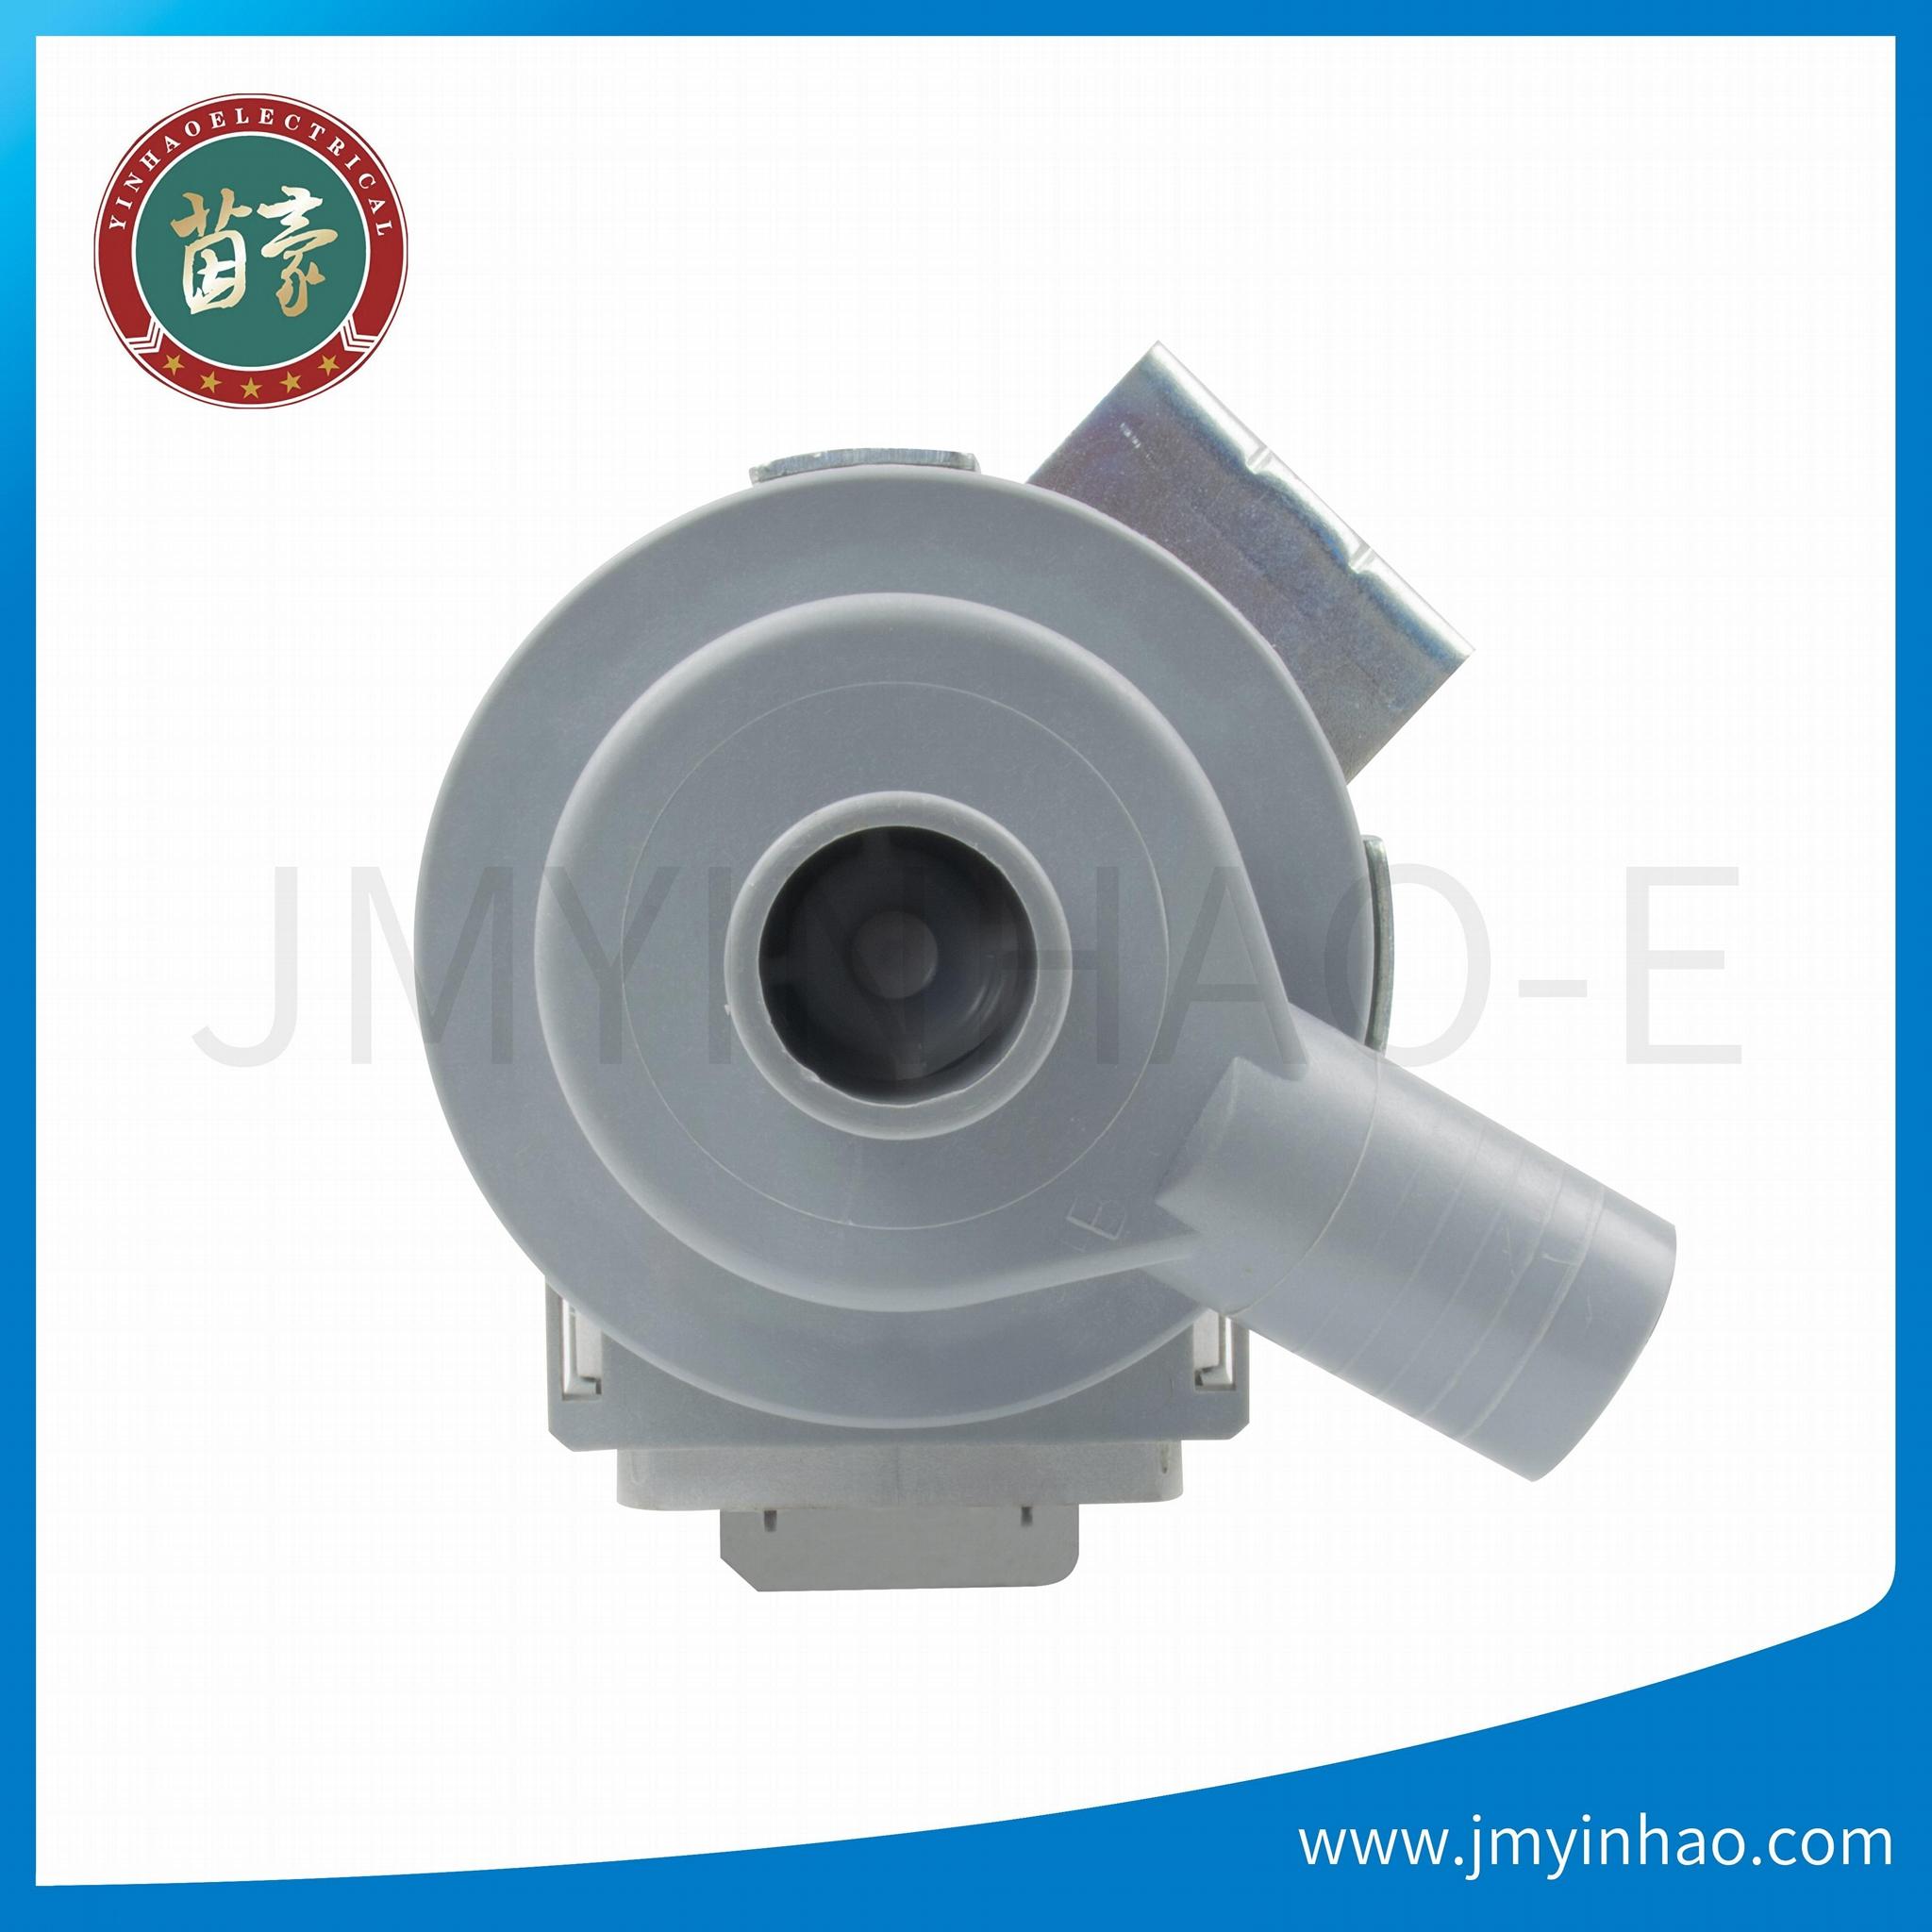 220V 滚筒洗衣机排水泵同步电机 4